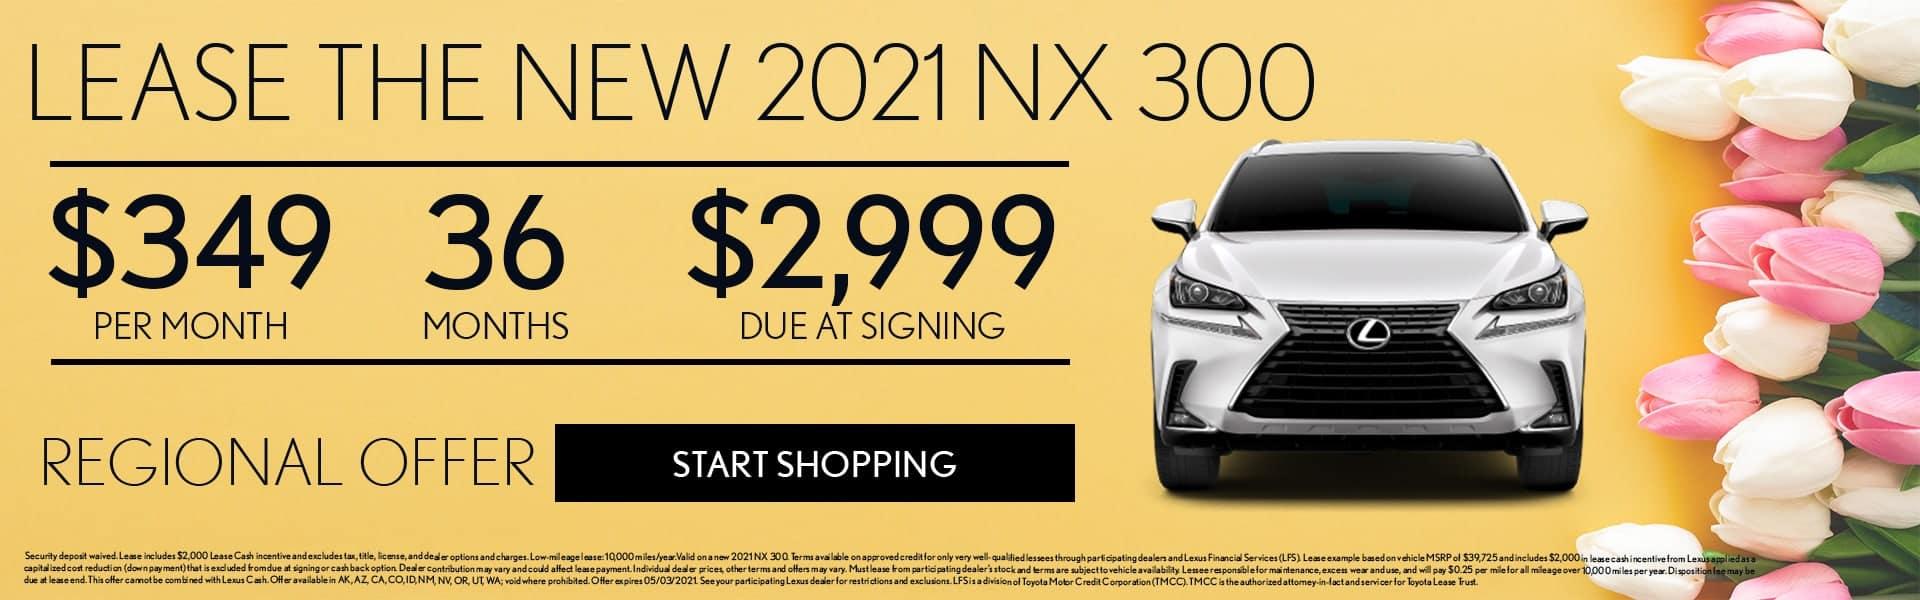 2021 Lexus NX offer